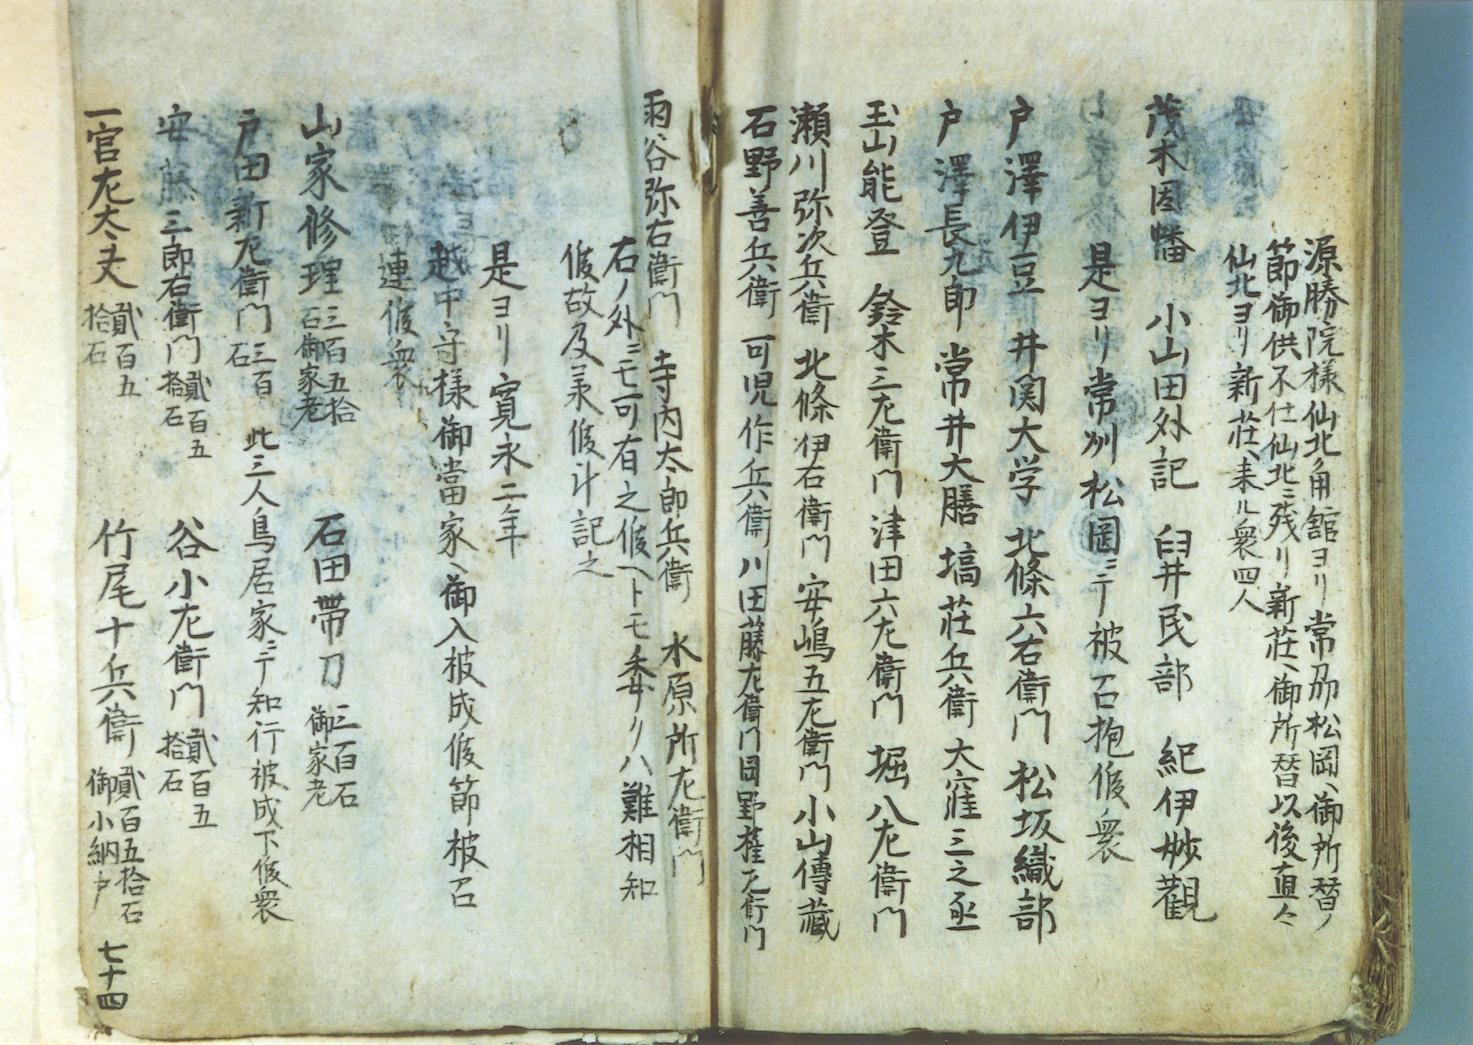 「松岡以来の衆」(「戸沢藩系図書」より)